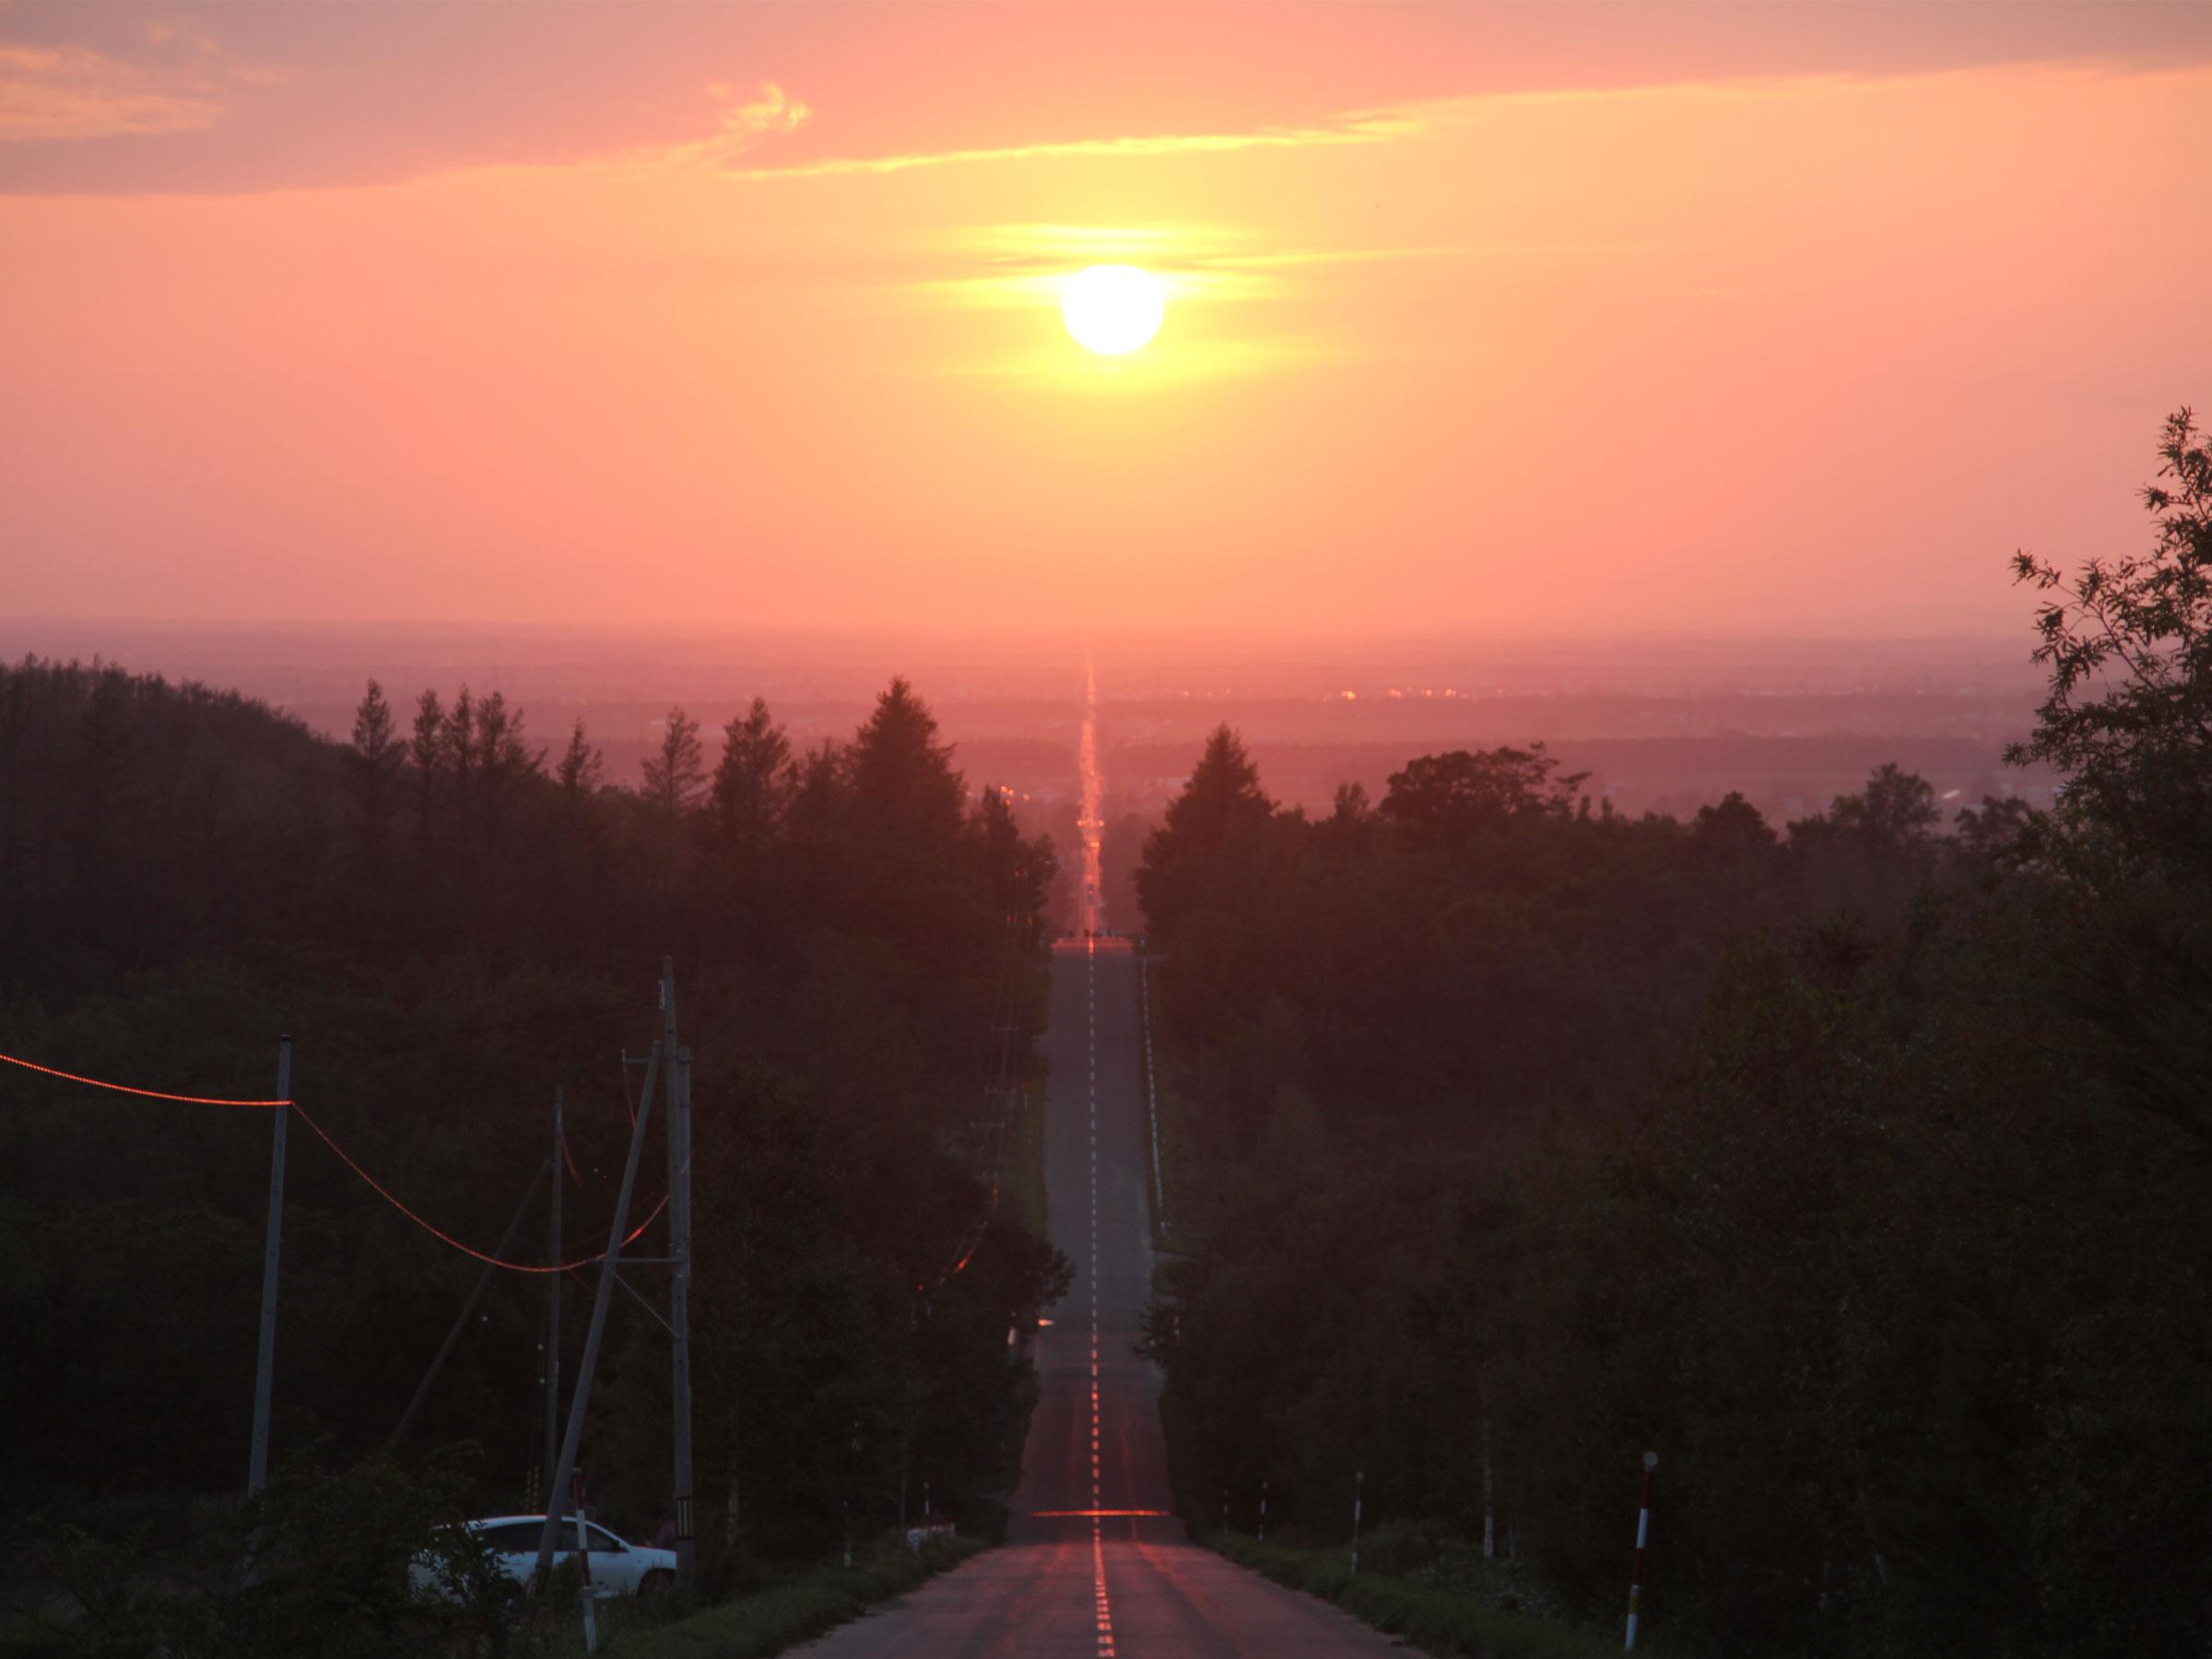 【北海道】夏の絶景・風物詩5選 夕陽に染まる天まで続く道